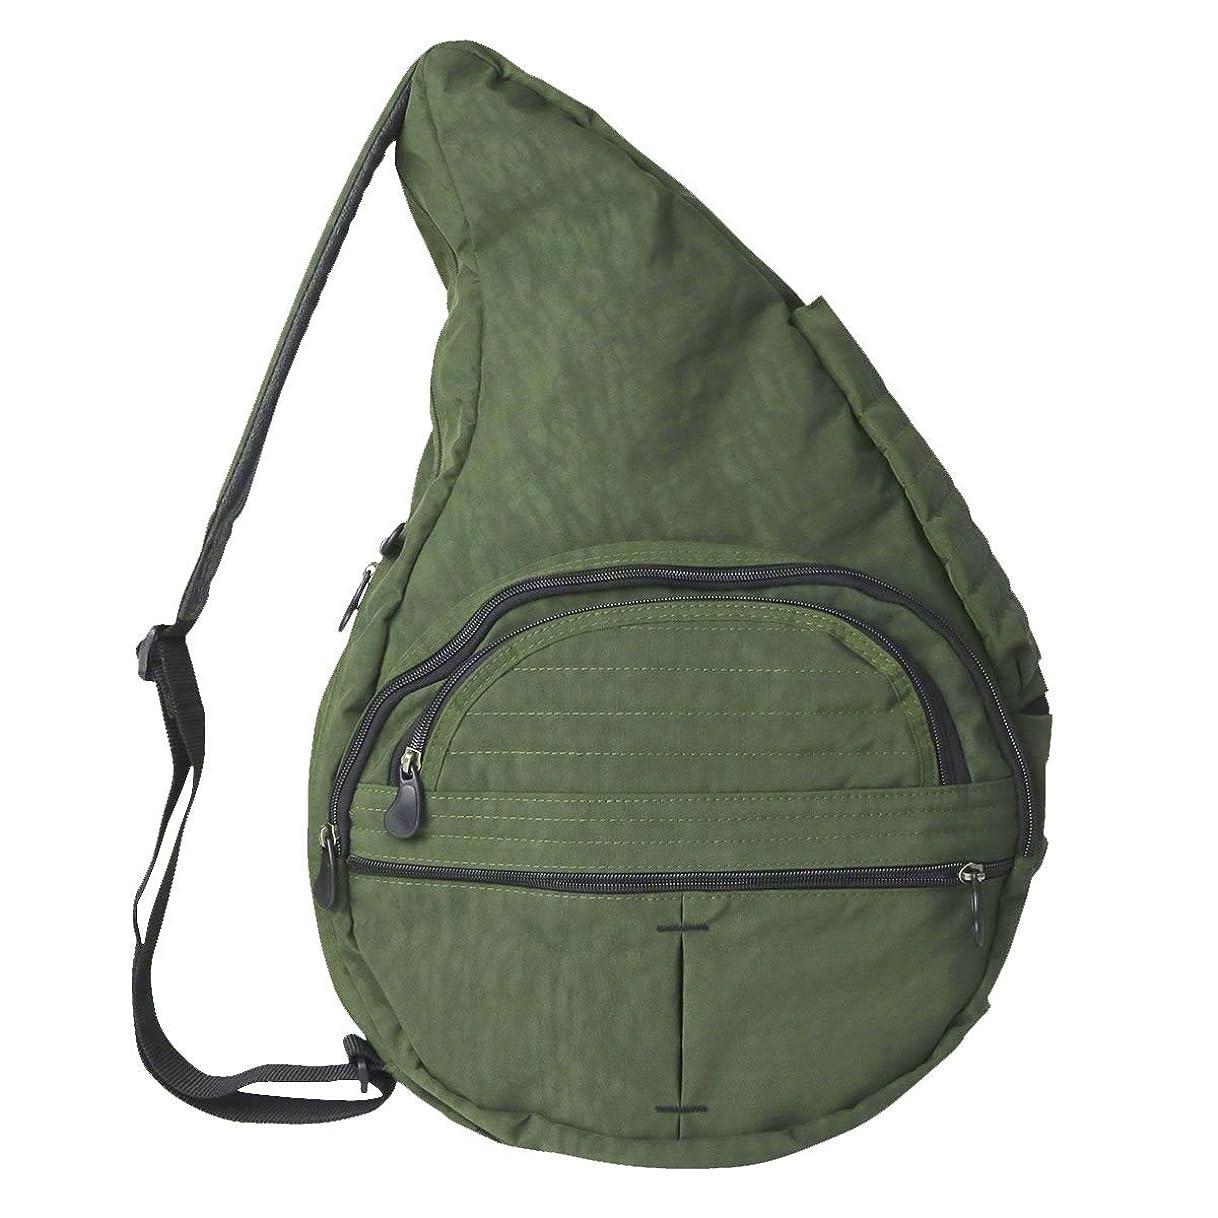 警報ビジョン家具[ヘルシーバックバッグ]HEALTHY BACK BAG Big bag テクスチャードナイロン Texutured Nylon ボディバッグ 44315 ディープフォレスト/DF